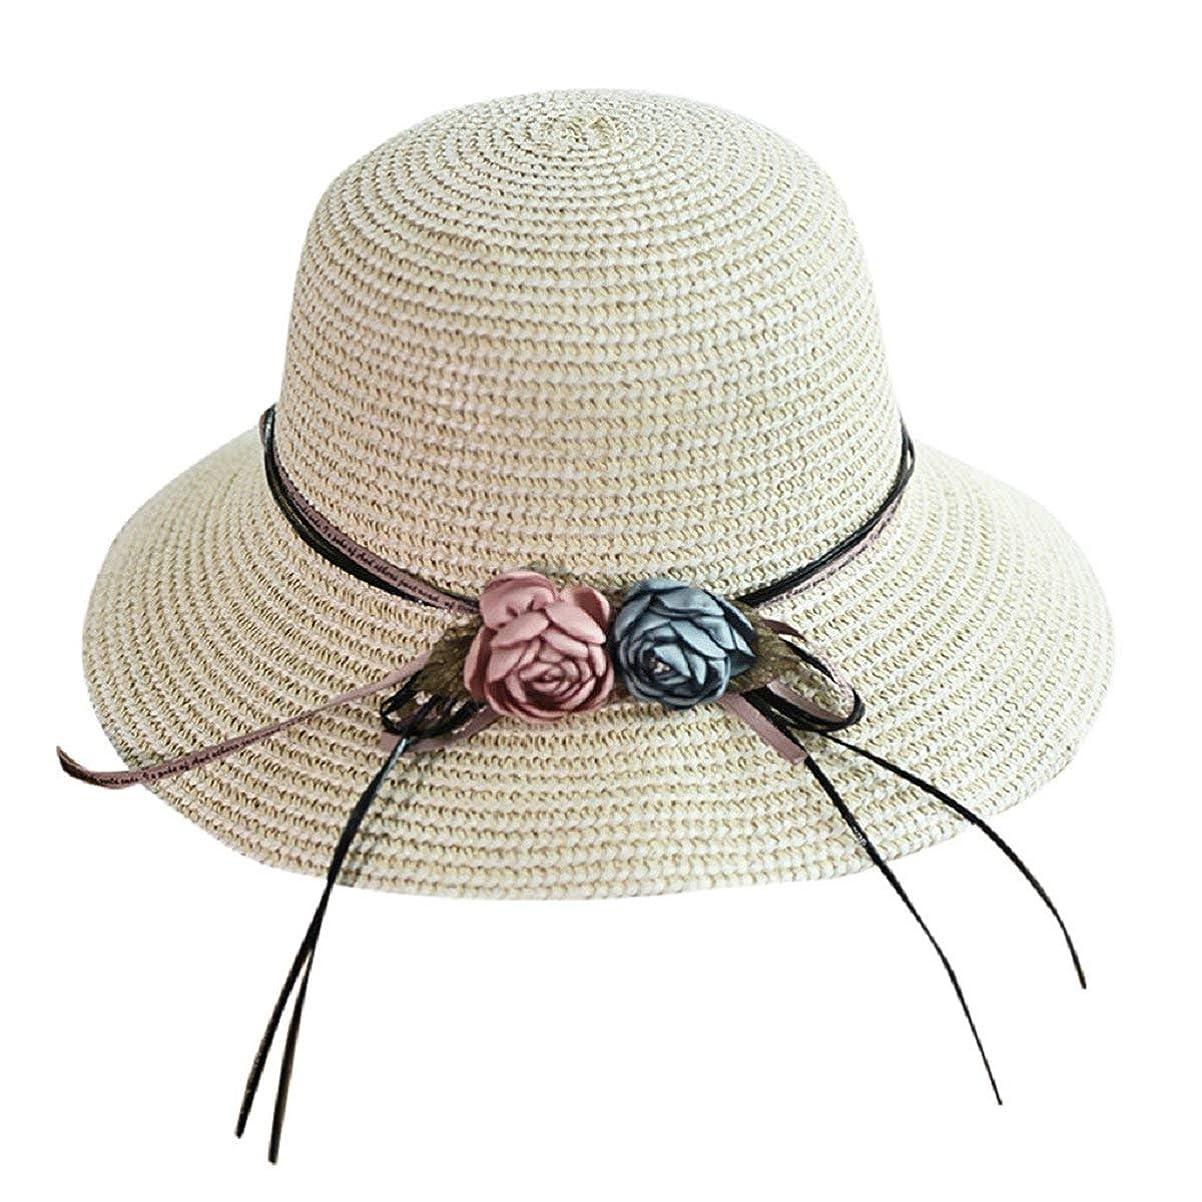 大きさふつう社員Barlingrock女性のための 太陽の帽子わら夏レディースサンハットフロッピー UV 保護